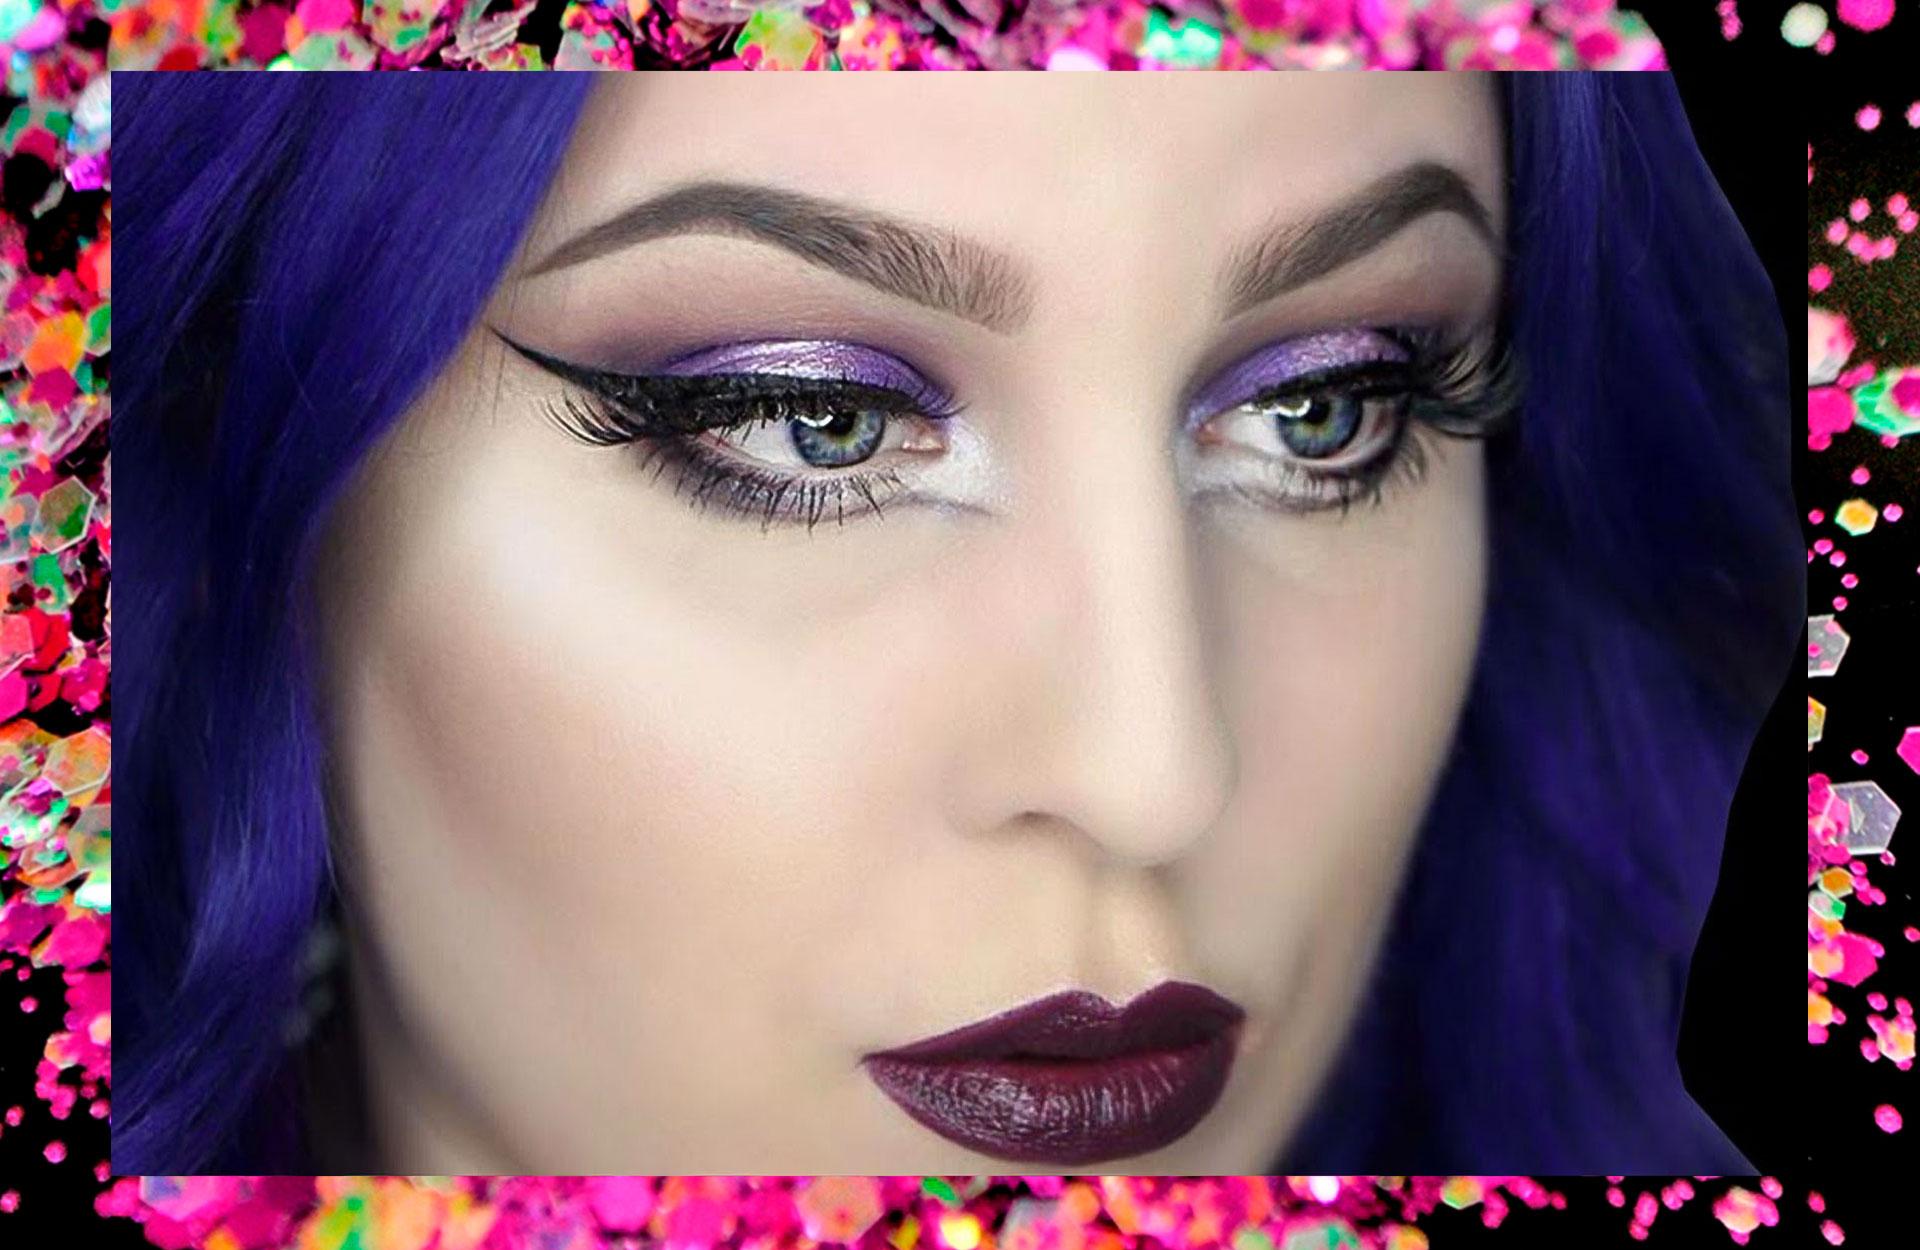 Bailey Van Der Veen, Youtube Makeup Mega-Guru and Regional Trainer for NYX Cosmetics